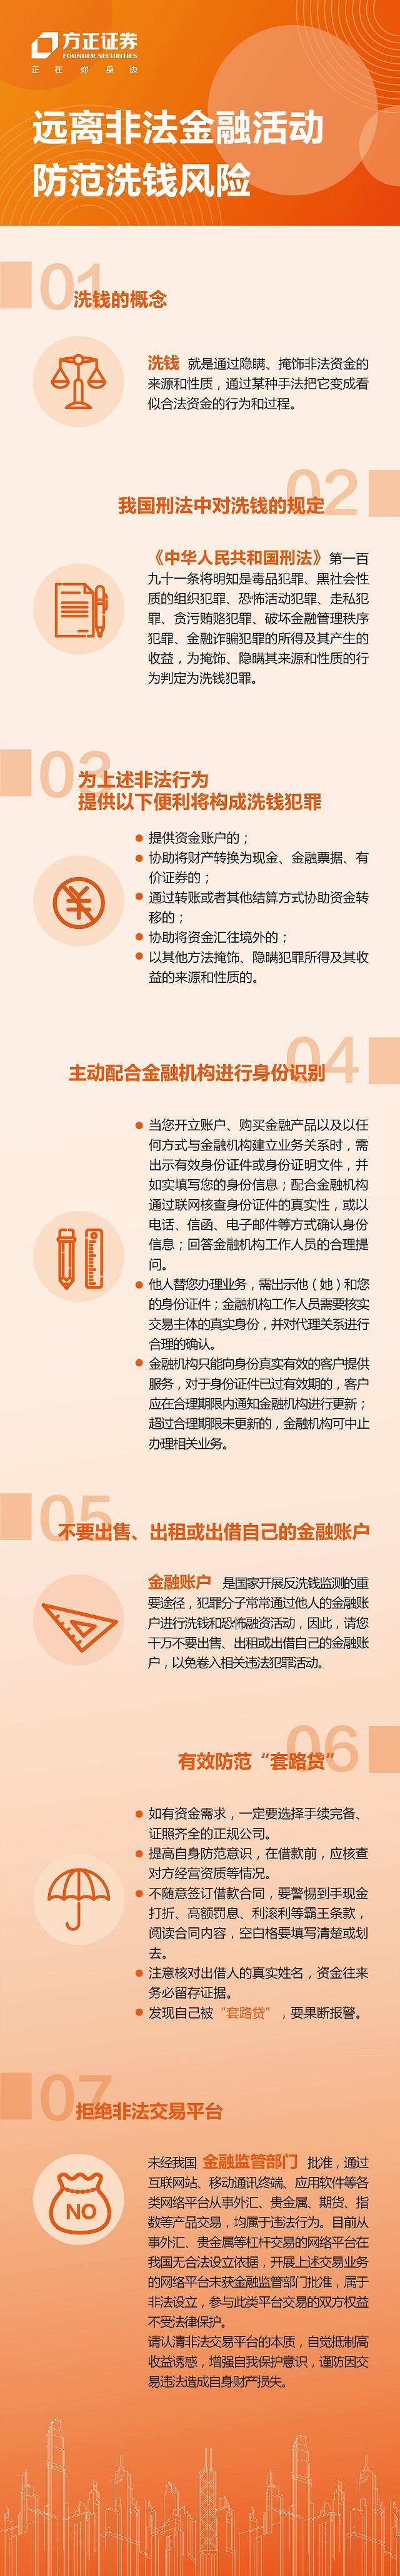 长图 - 副本.jpg